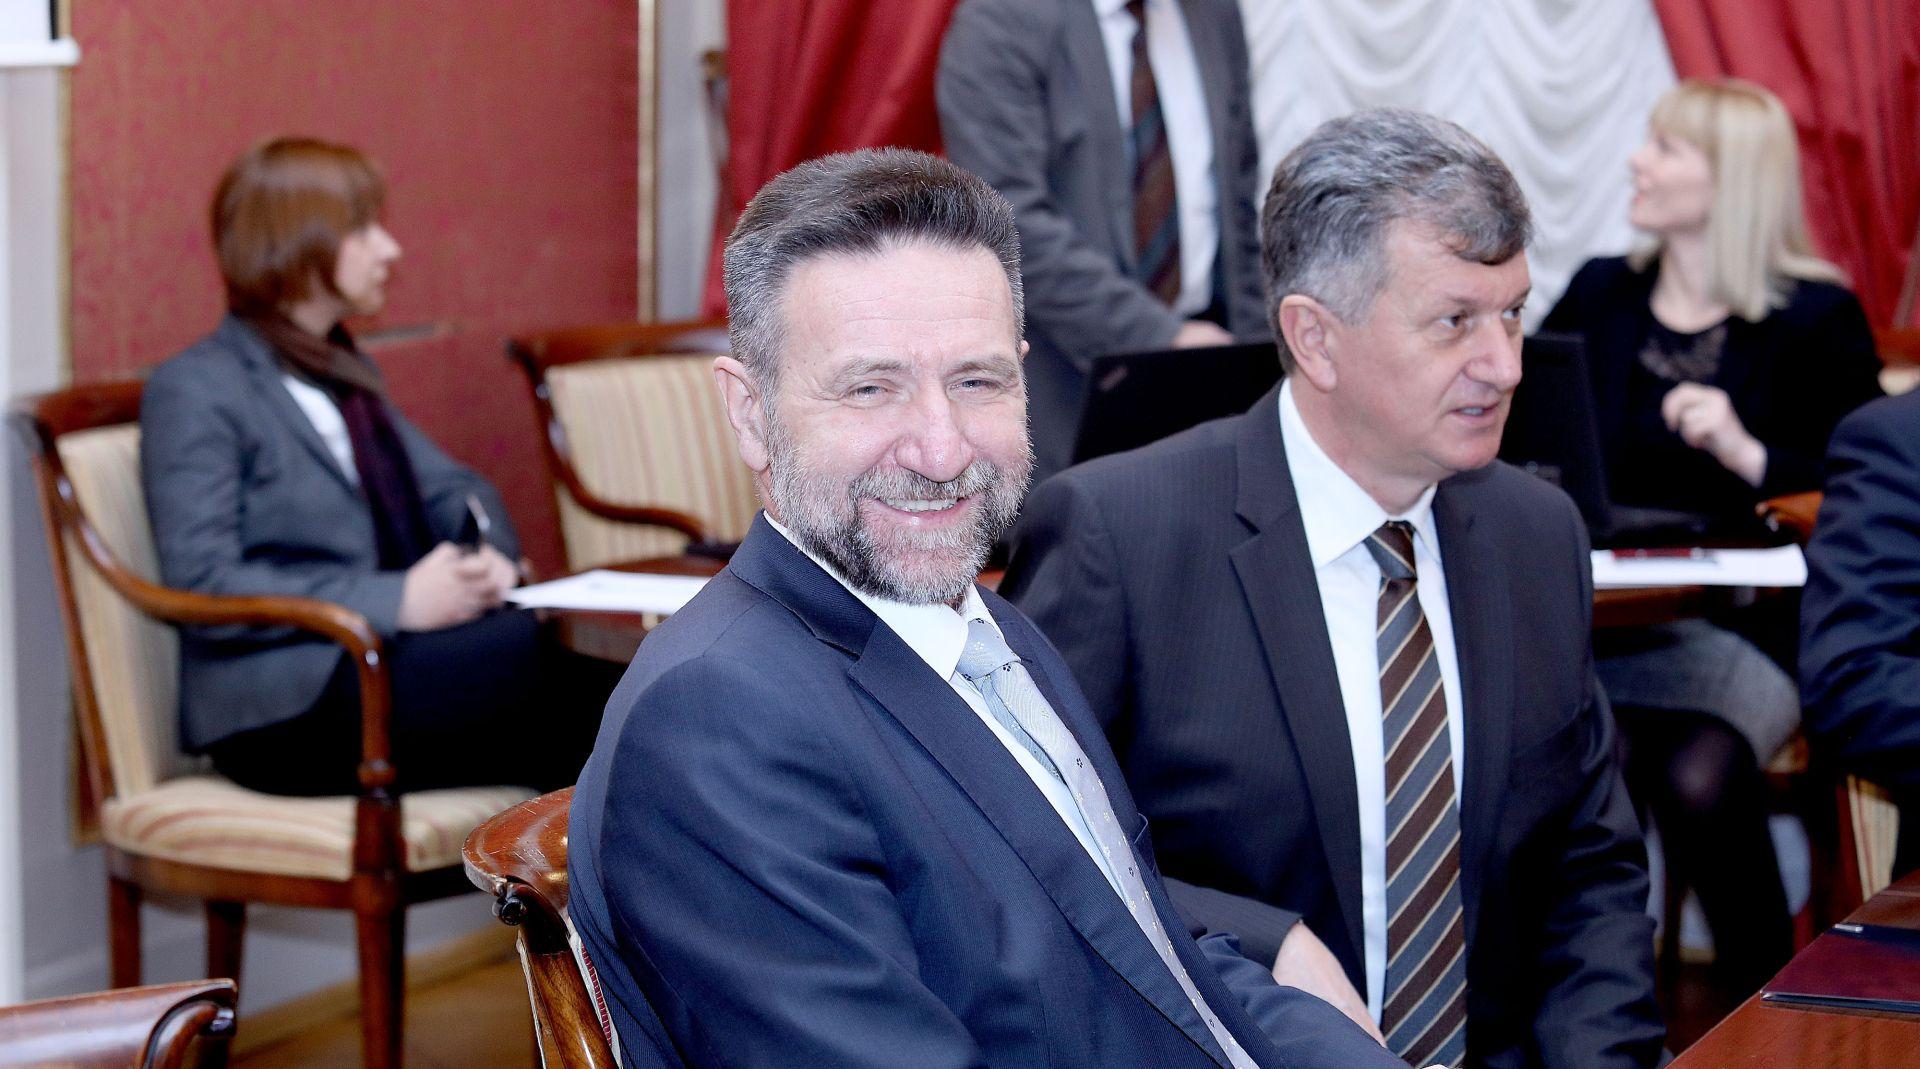 NOVA AFERA Đikić i Zovko optužili Barišića za autoplagijat